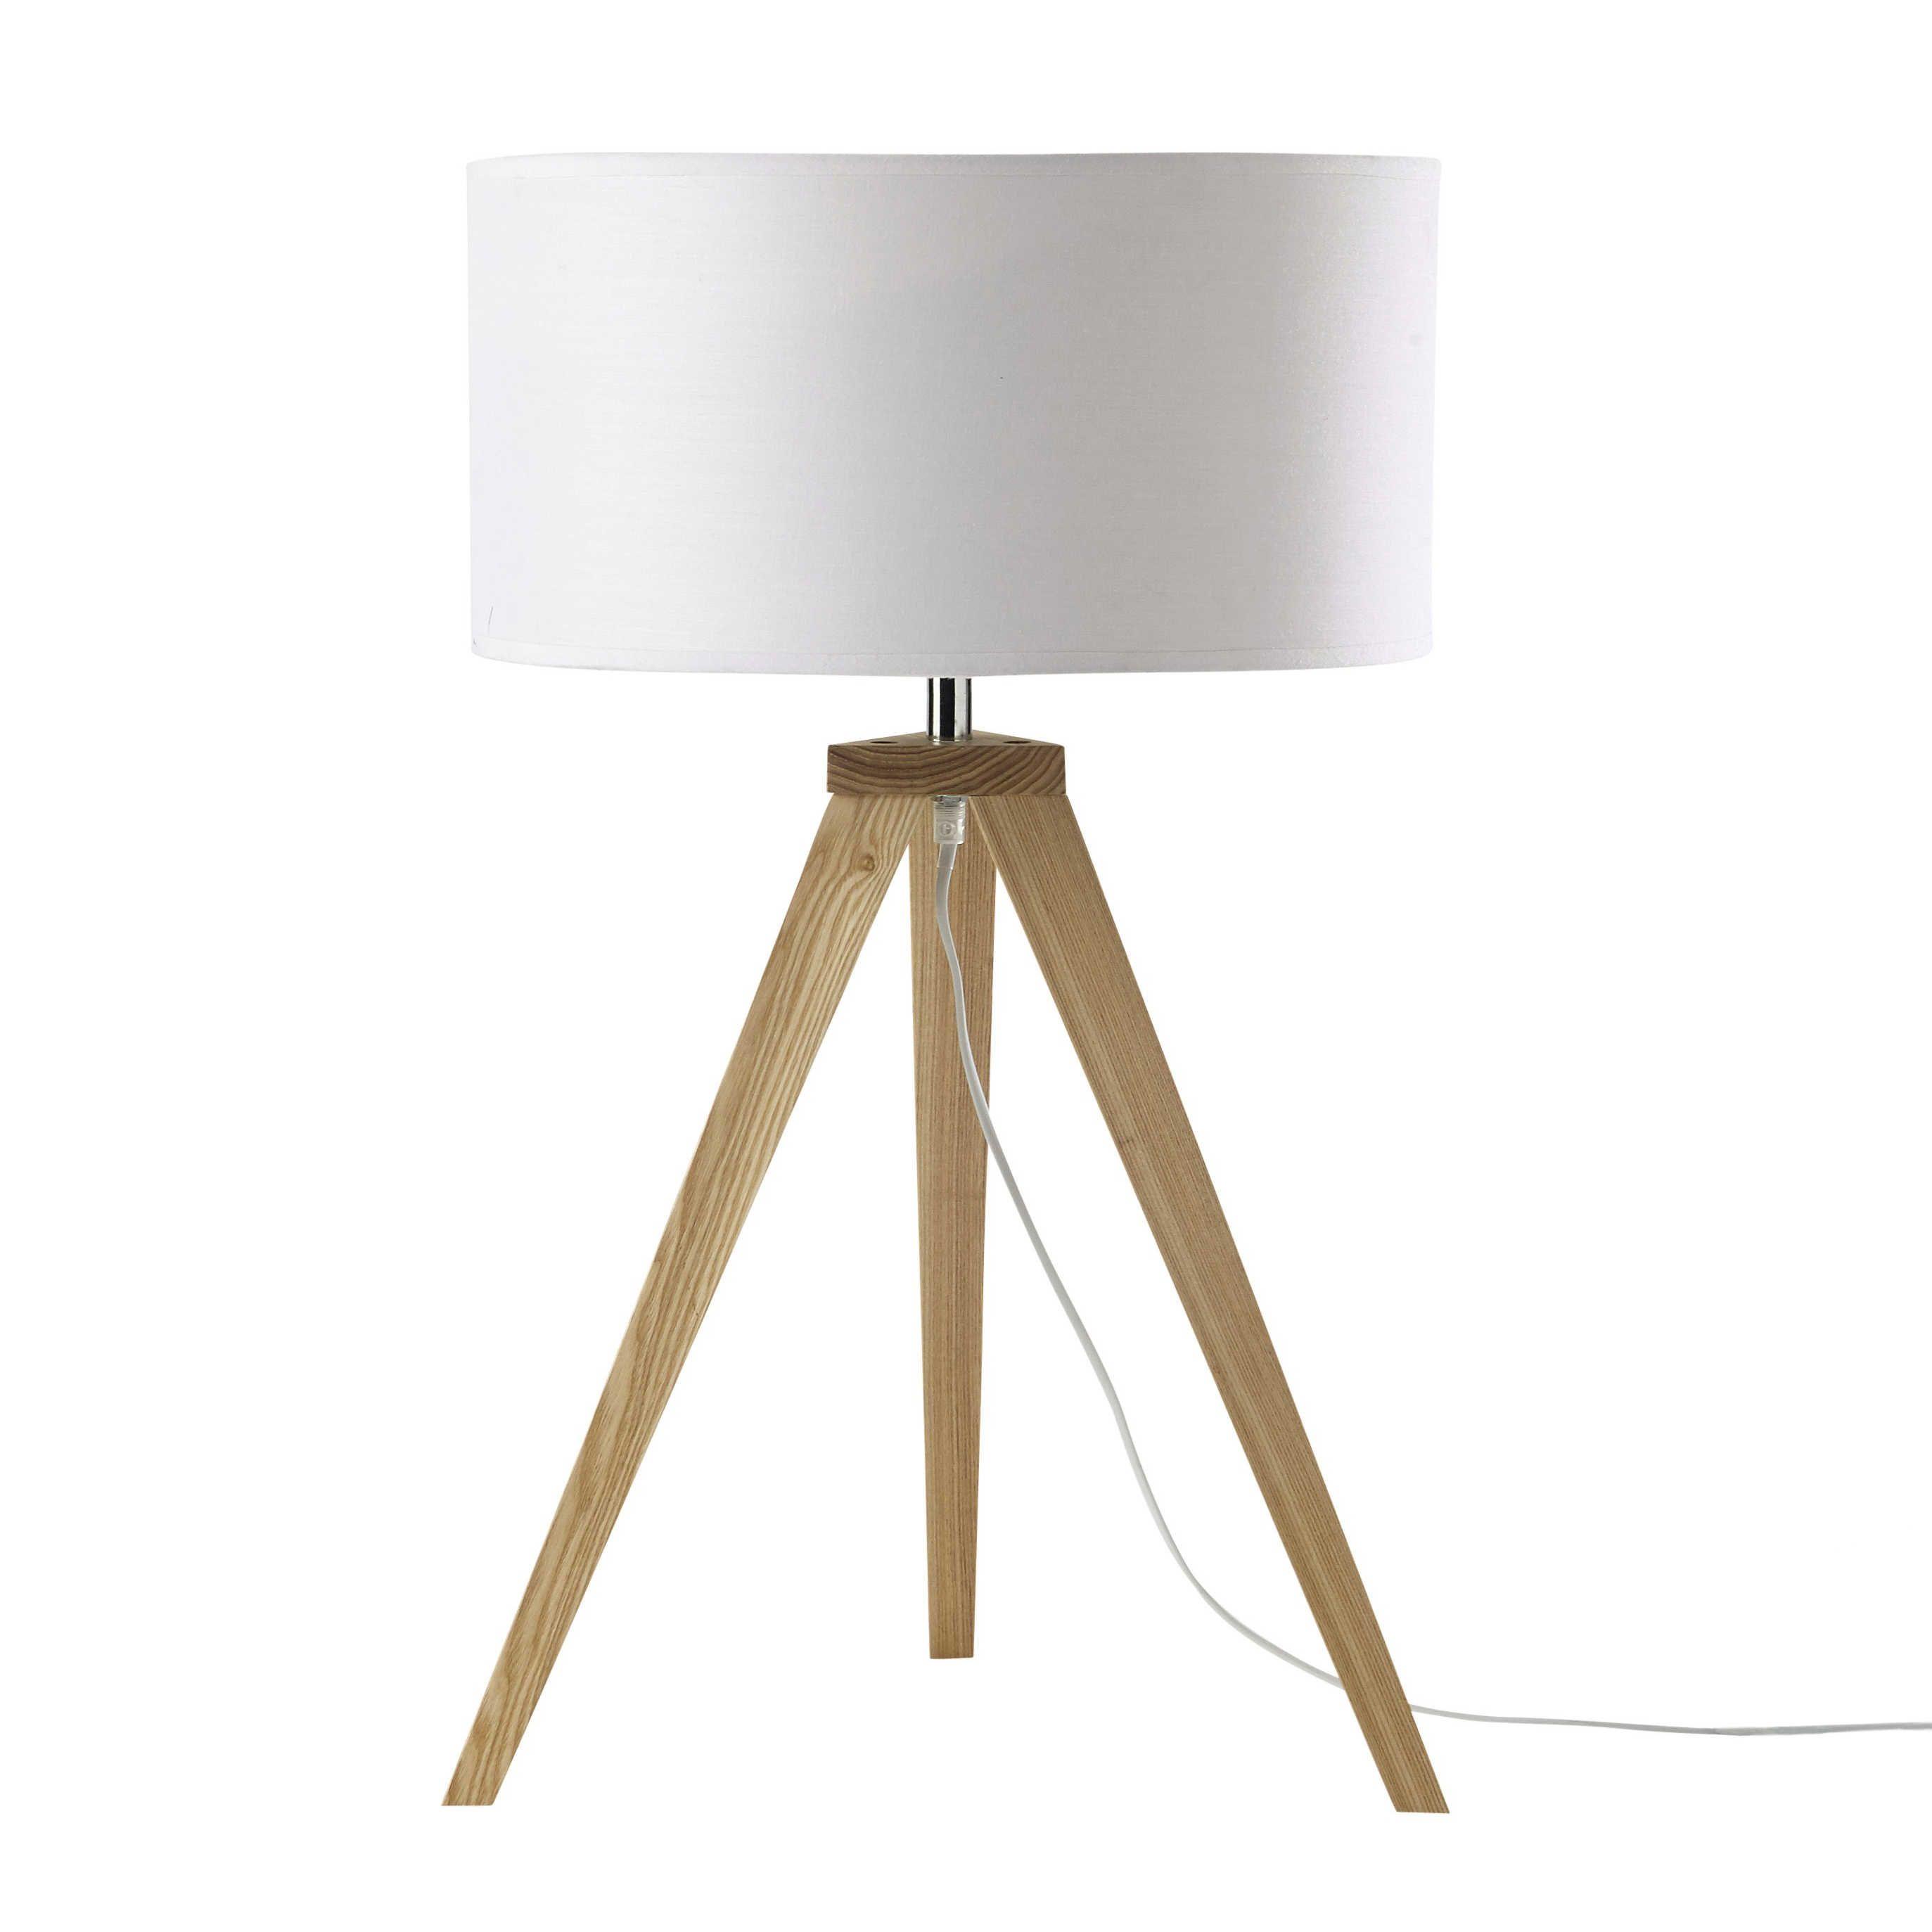 Dreibeinige Lampe KARLSEN aus Holz mit Lampenschirm aus